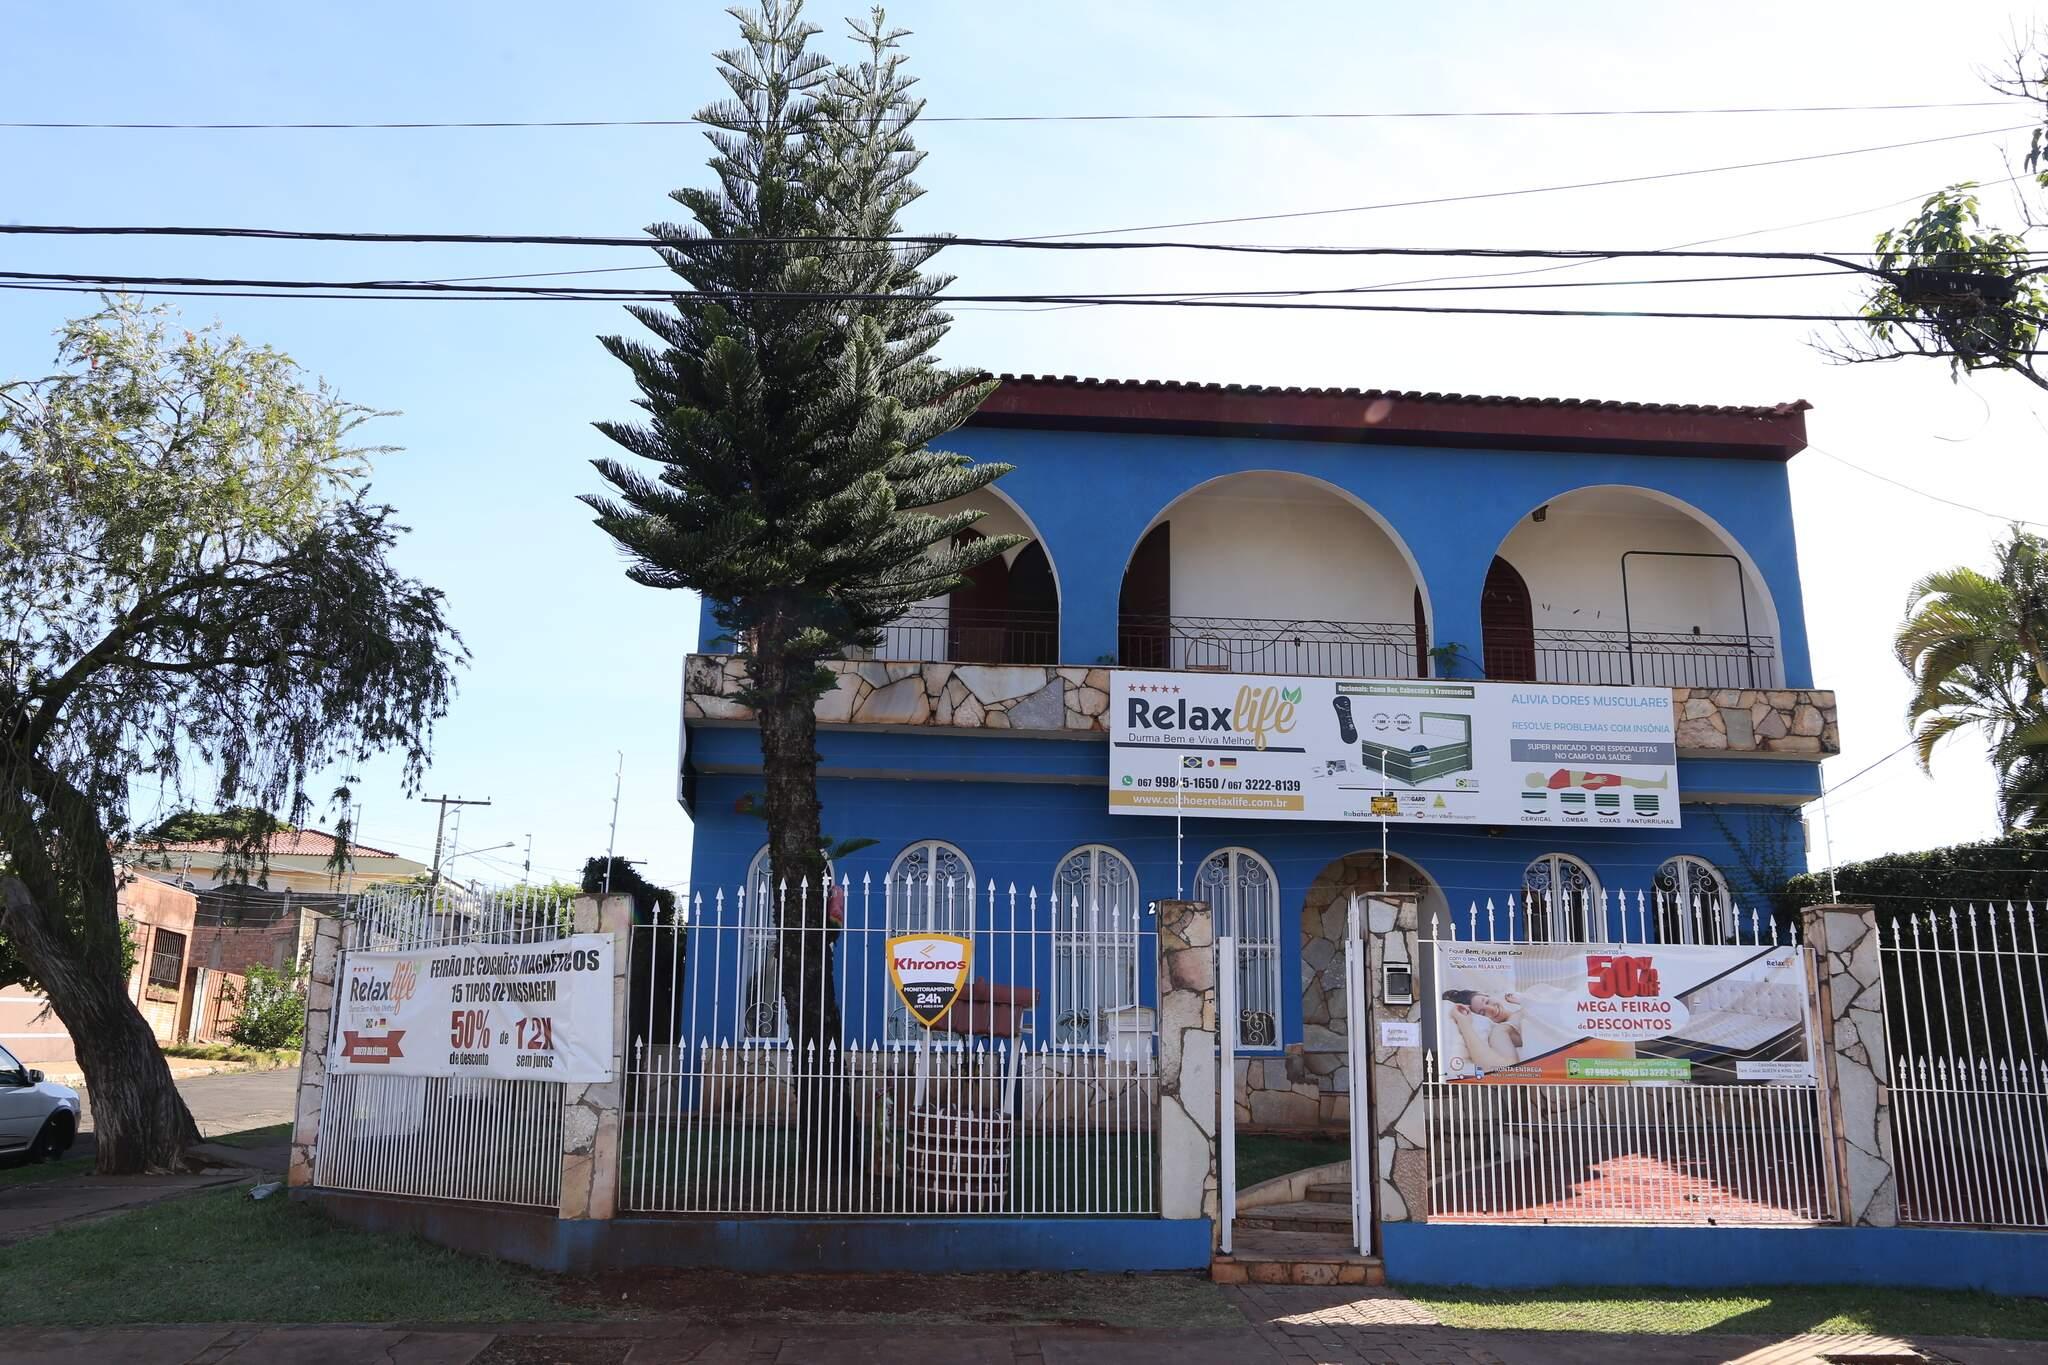 Loja fica na Rua Moreira Cabral, 233, Vila Planalto, plantão de atendimento de segunda a sábado até às 20h e domingo até às 17h. (Foto: Kisie Ainoã)